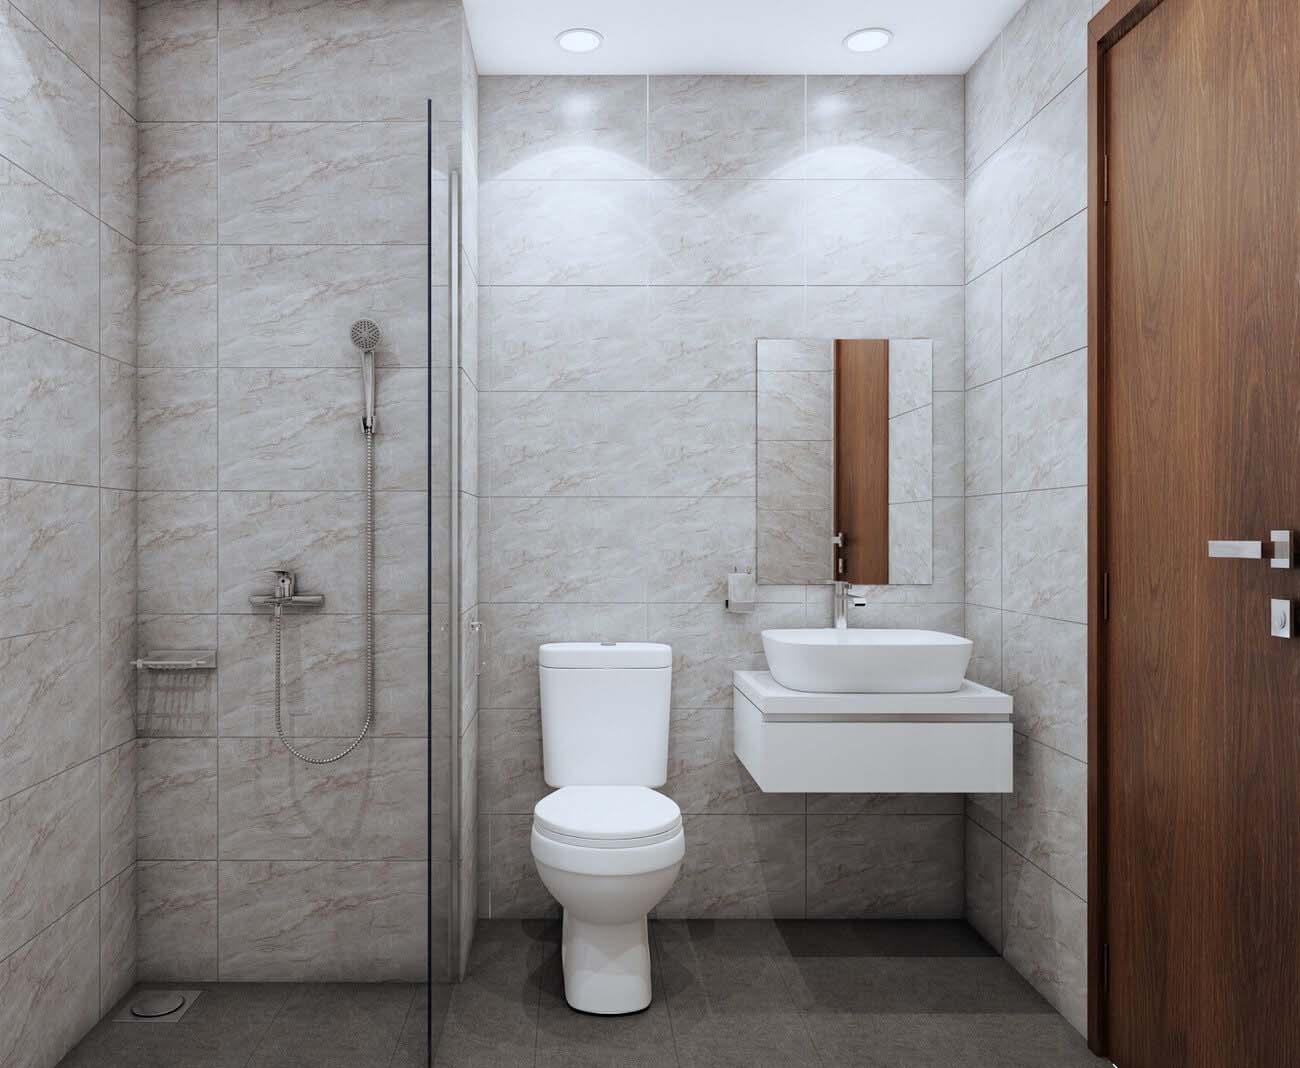 Toilet căn hộ chung cư Bcons Suối Tiên Loại B Dĩ An Đường Tân Lập chủ đầu tư Bcons